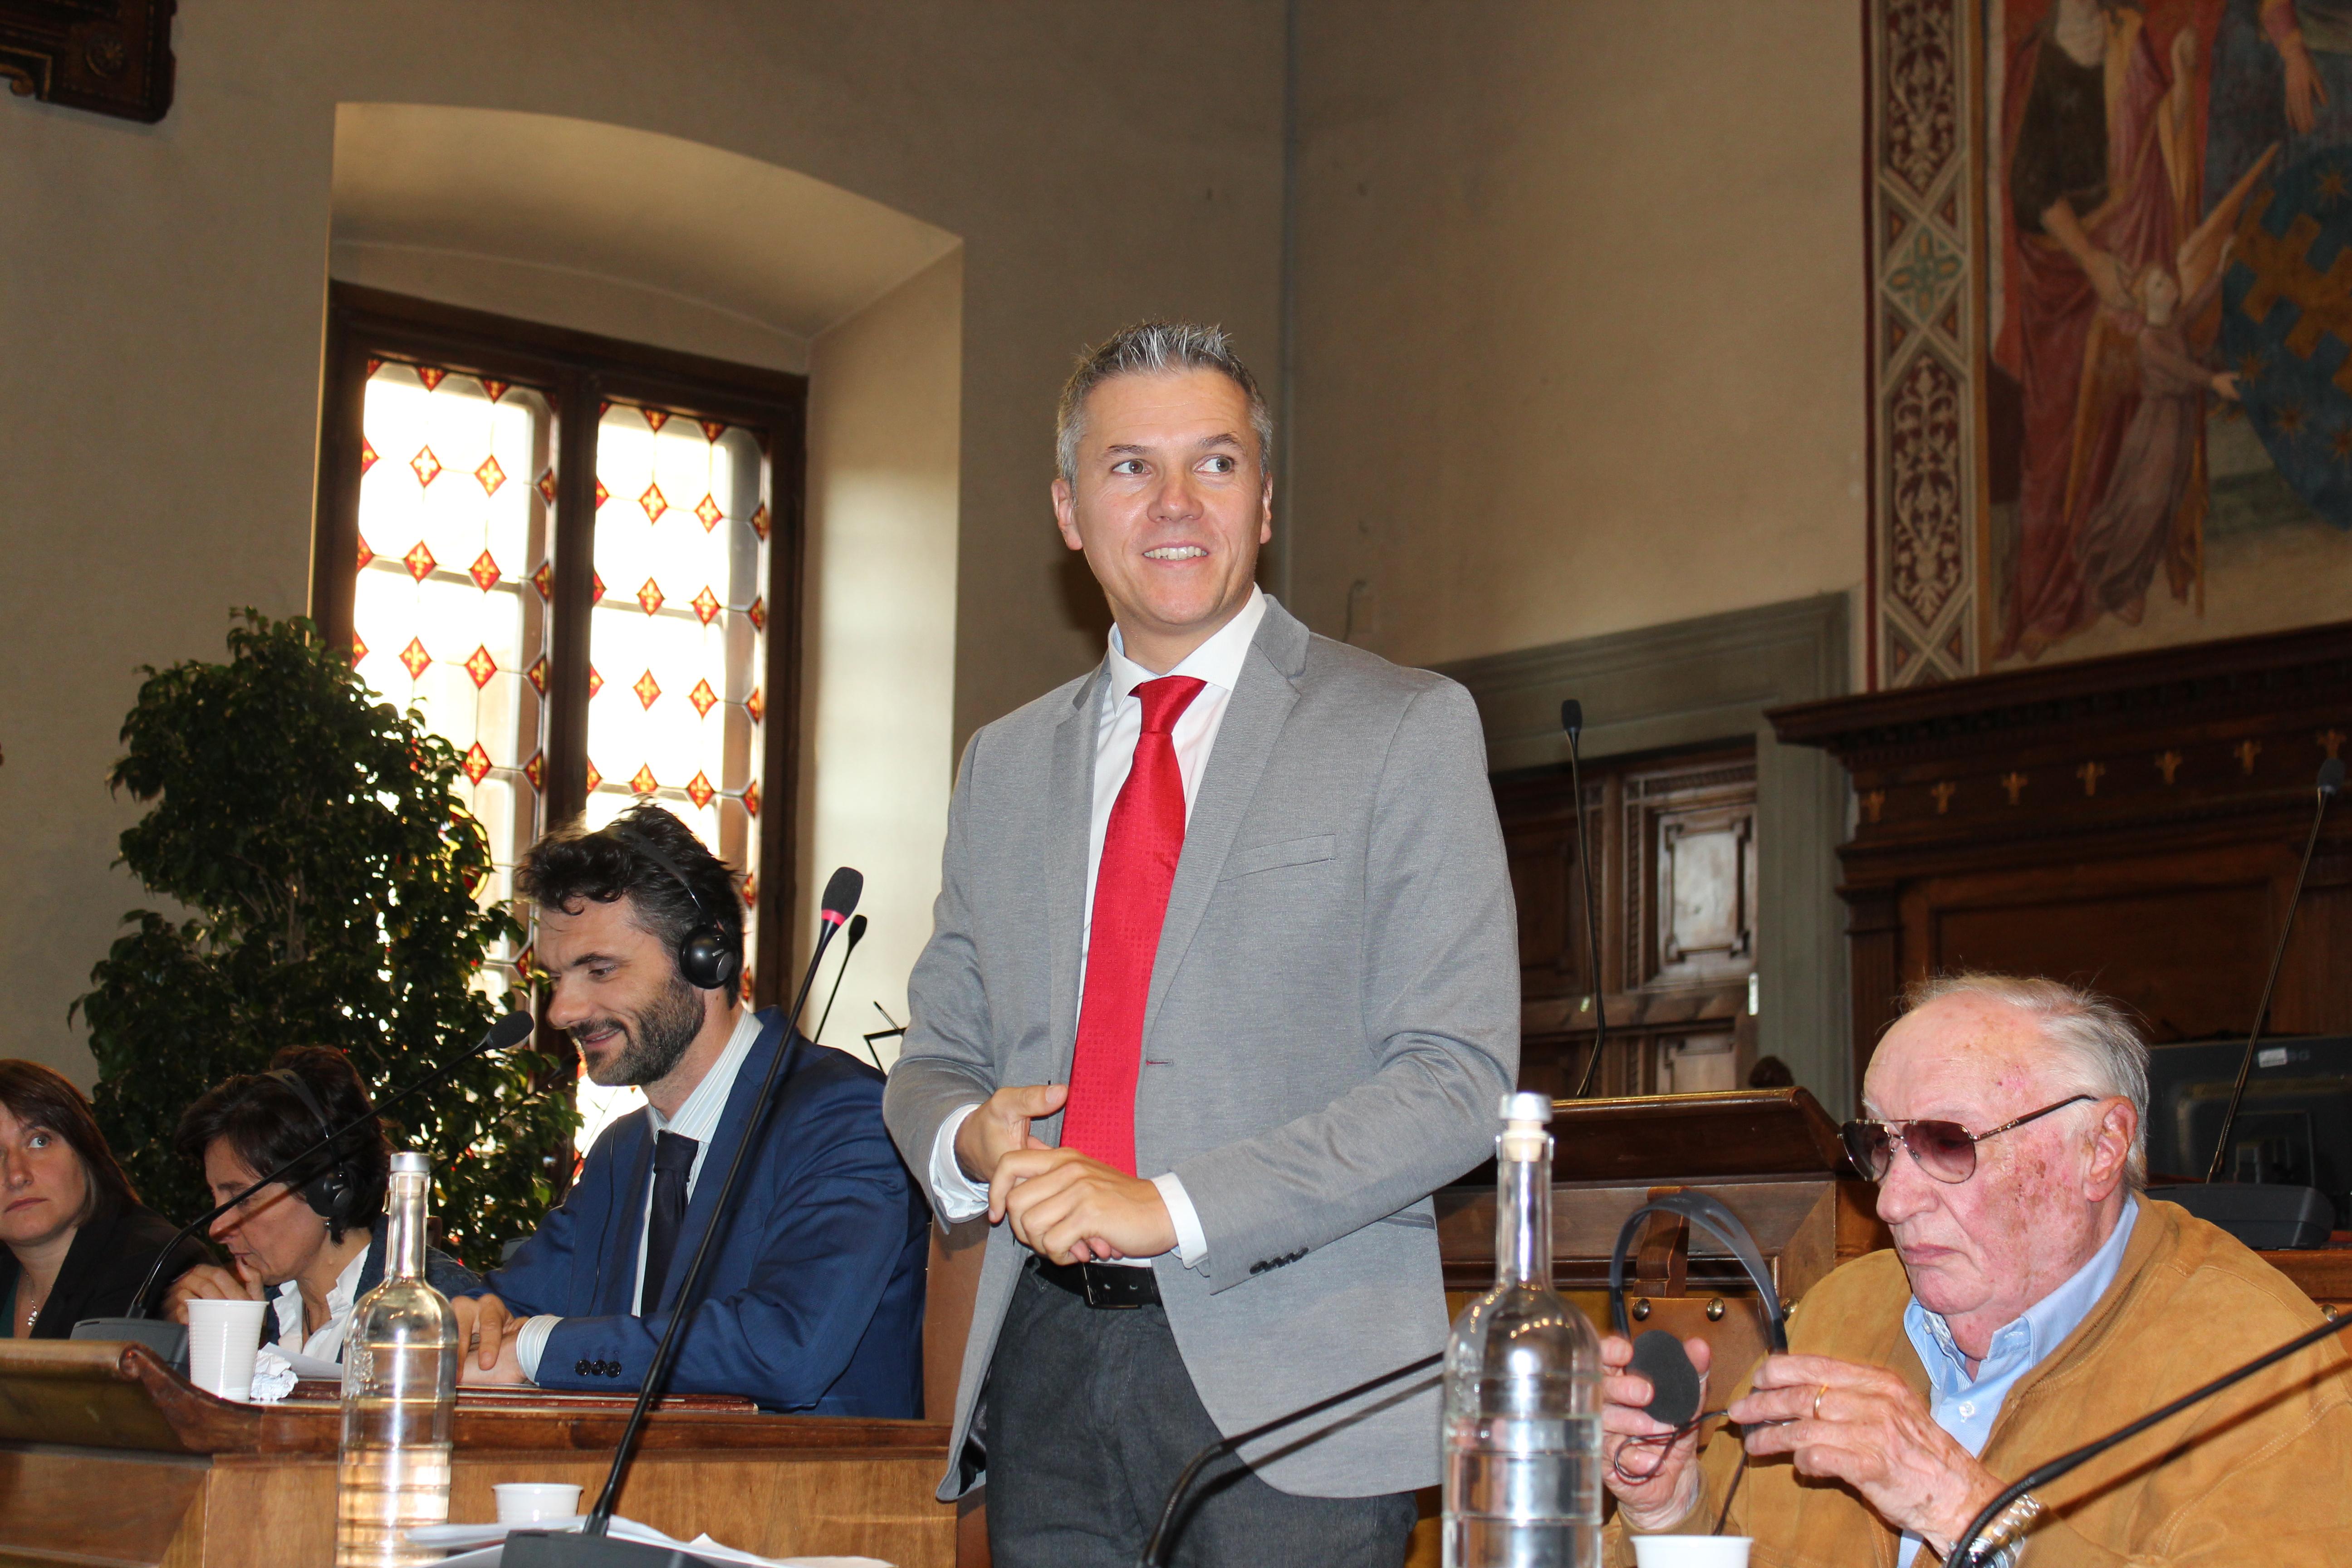 <p>L'intervento del sindaco di Ebensee, Markus Siller, che ricorda l'importanza di questo gemellaggio.</p>